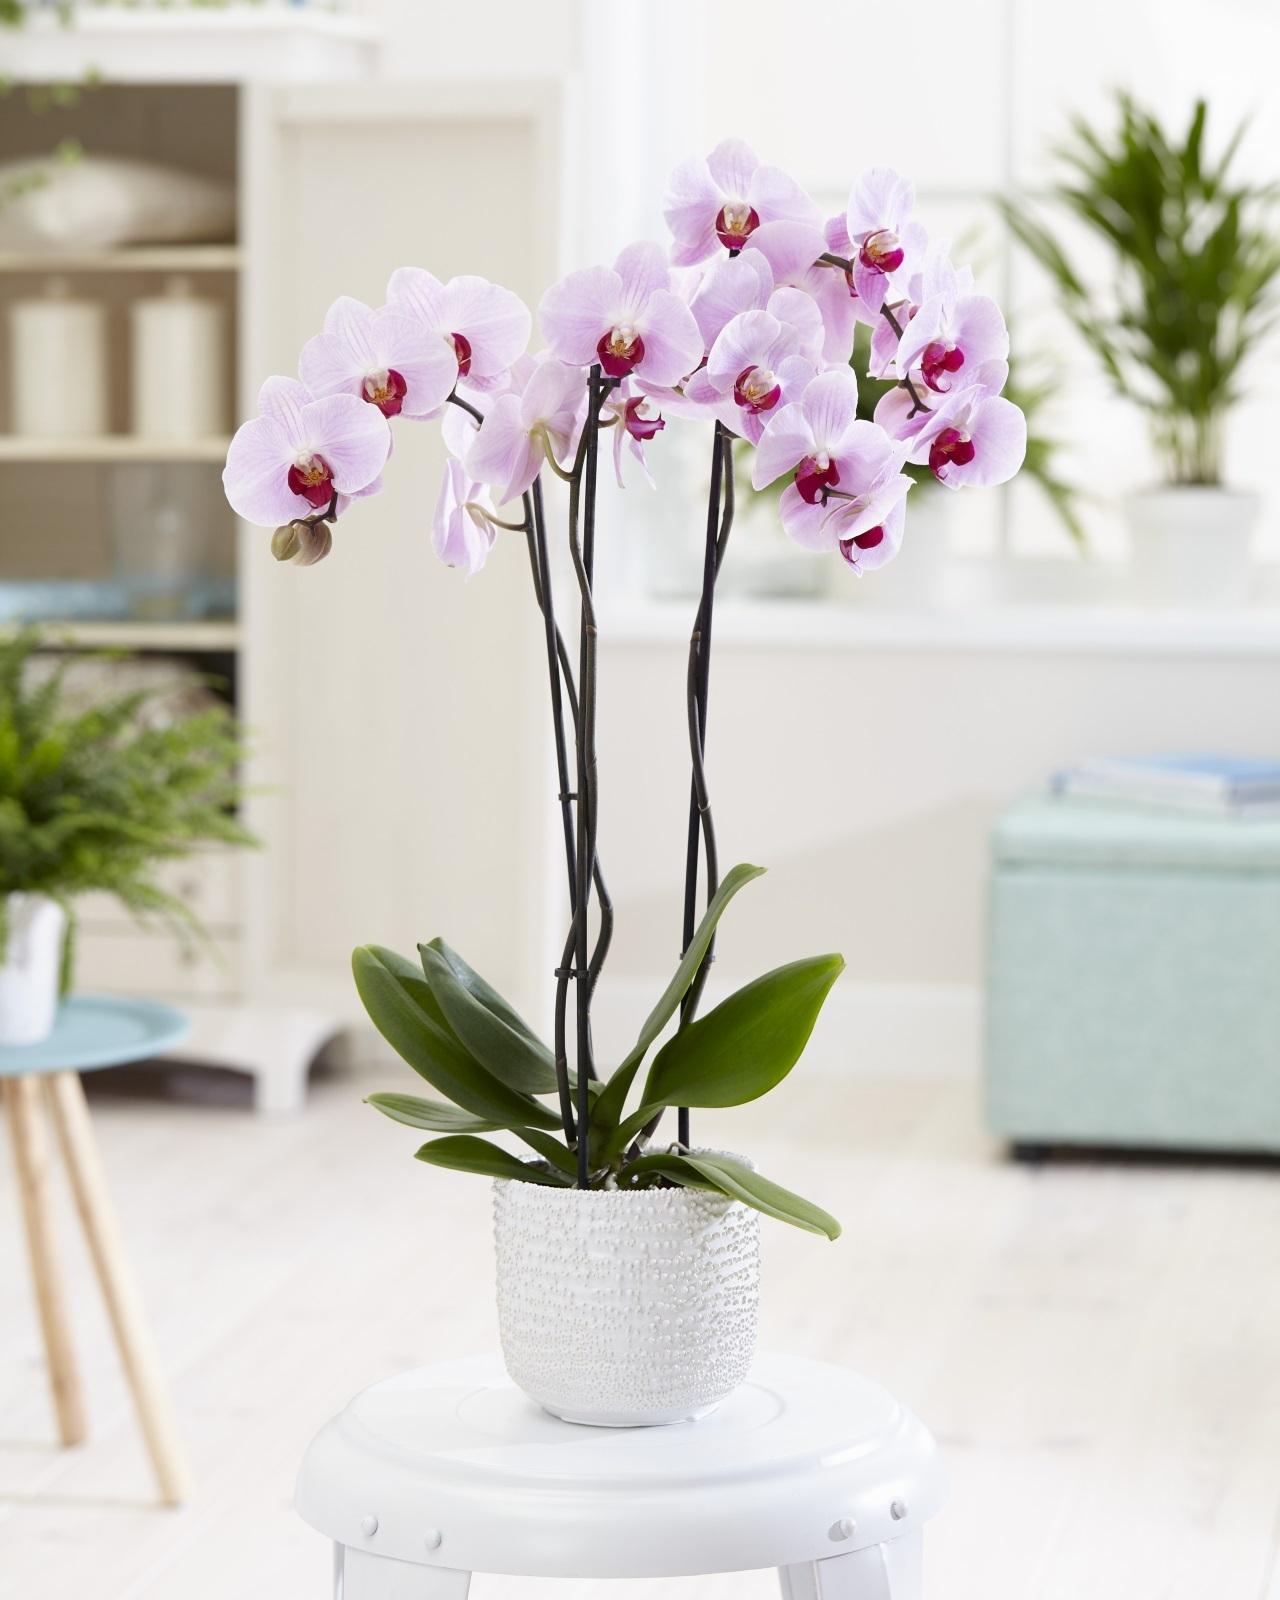 2-orhidei-6-pravila-so-koi-chuvstvitelnite-ubavici-konechno-kje-procvetaat-www.kafepauza.mk_